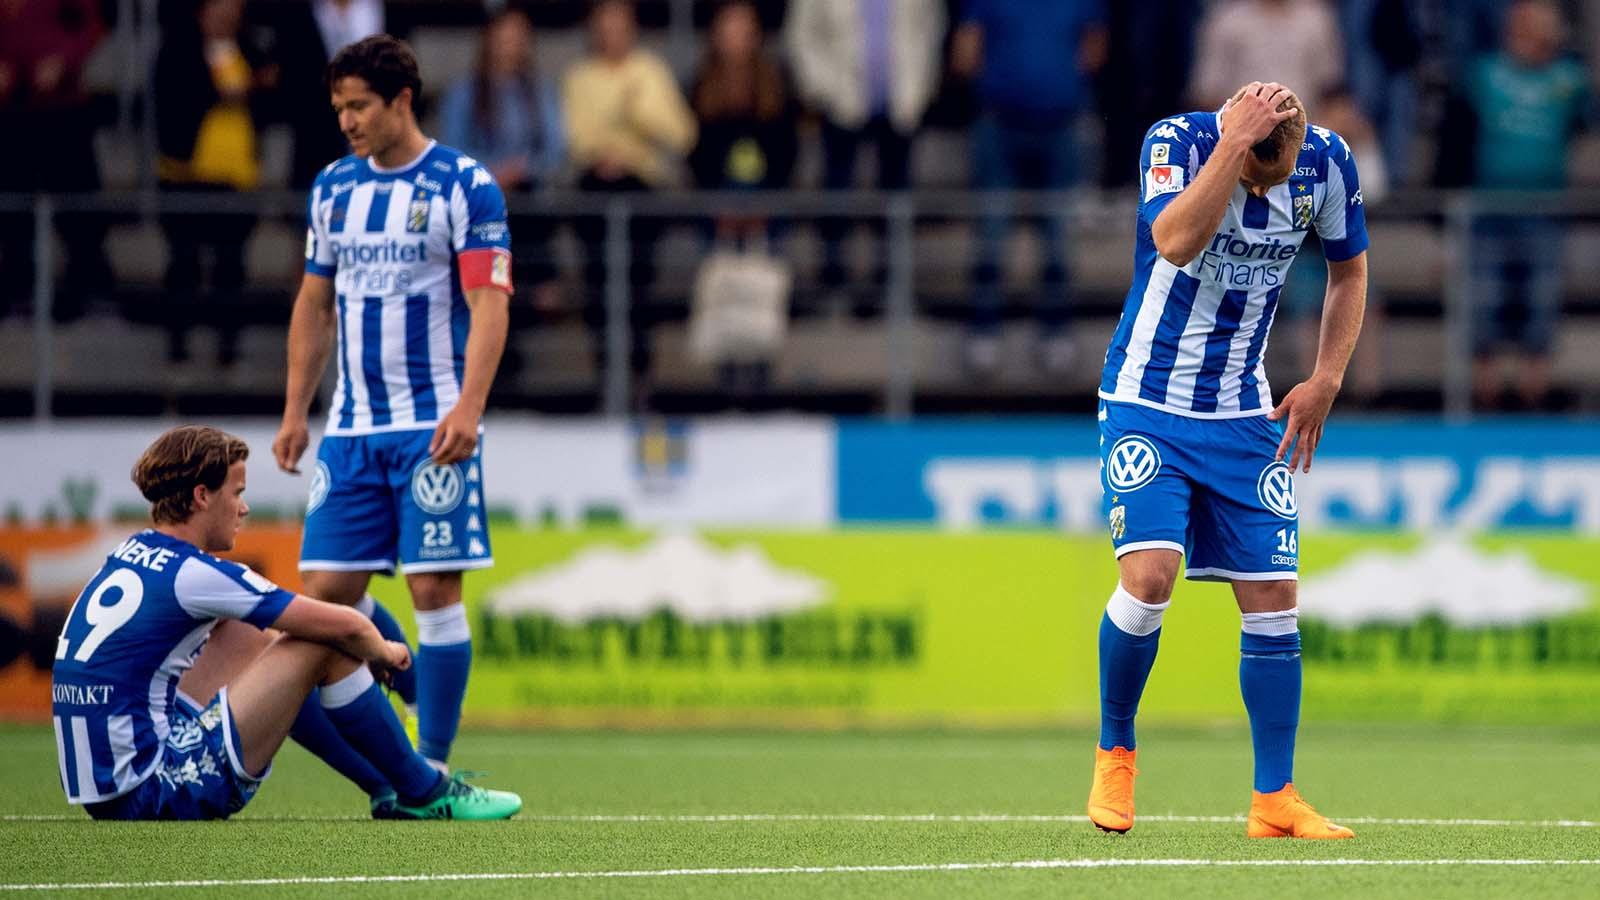 180521 IFK Göteborgs spelare deppar efter fotbollsmatchen i Allsvenskan mellan Elfsborg och IFK Göteborg den 21 maj 2018 i Borås. Foto: Carl Sandin / BILDBYRÅN / kod CS / 57999_353